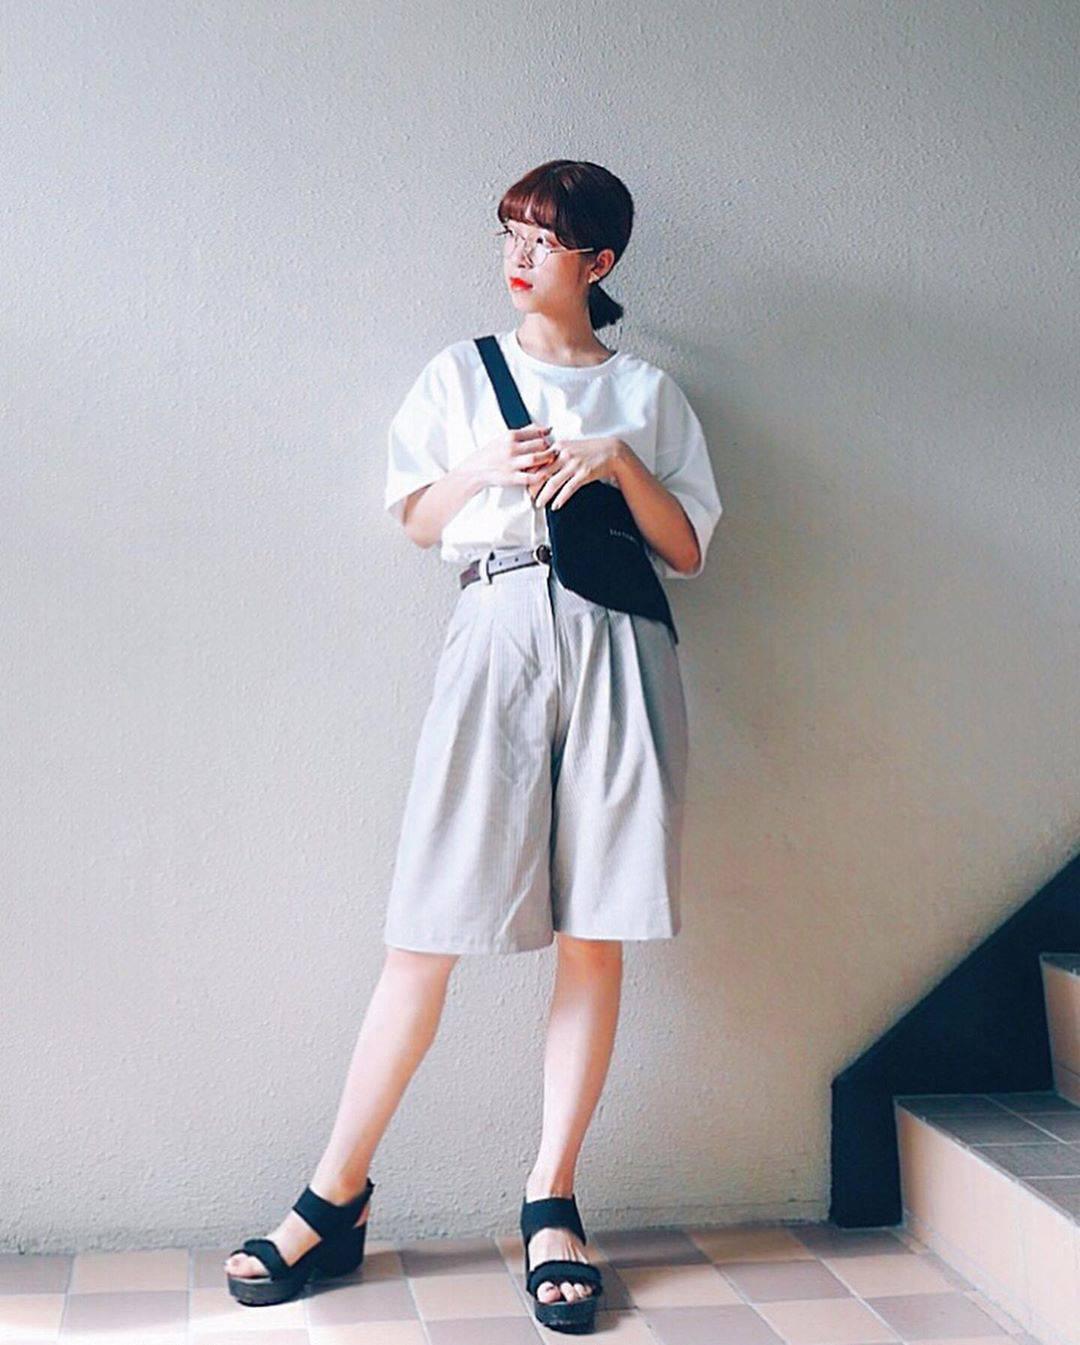 最高気温30度・最低気温21度 natsu_outfitsの服装